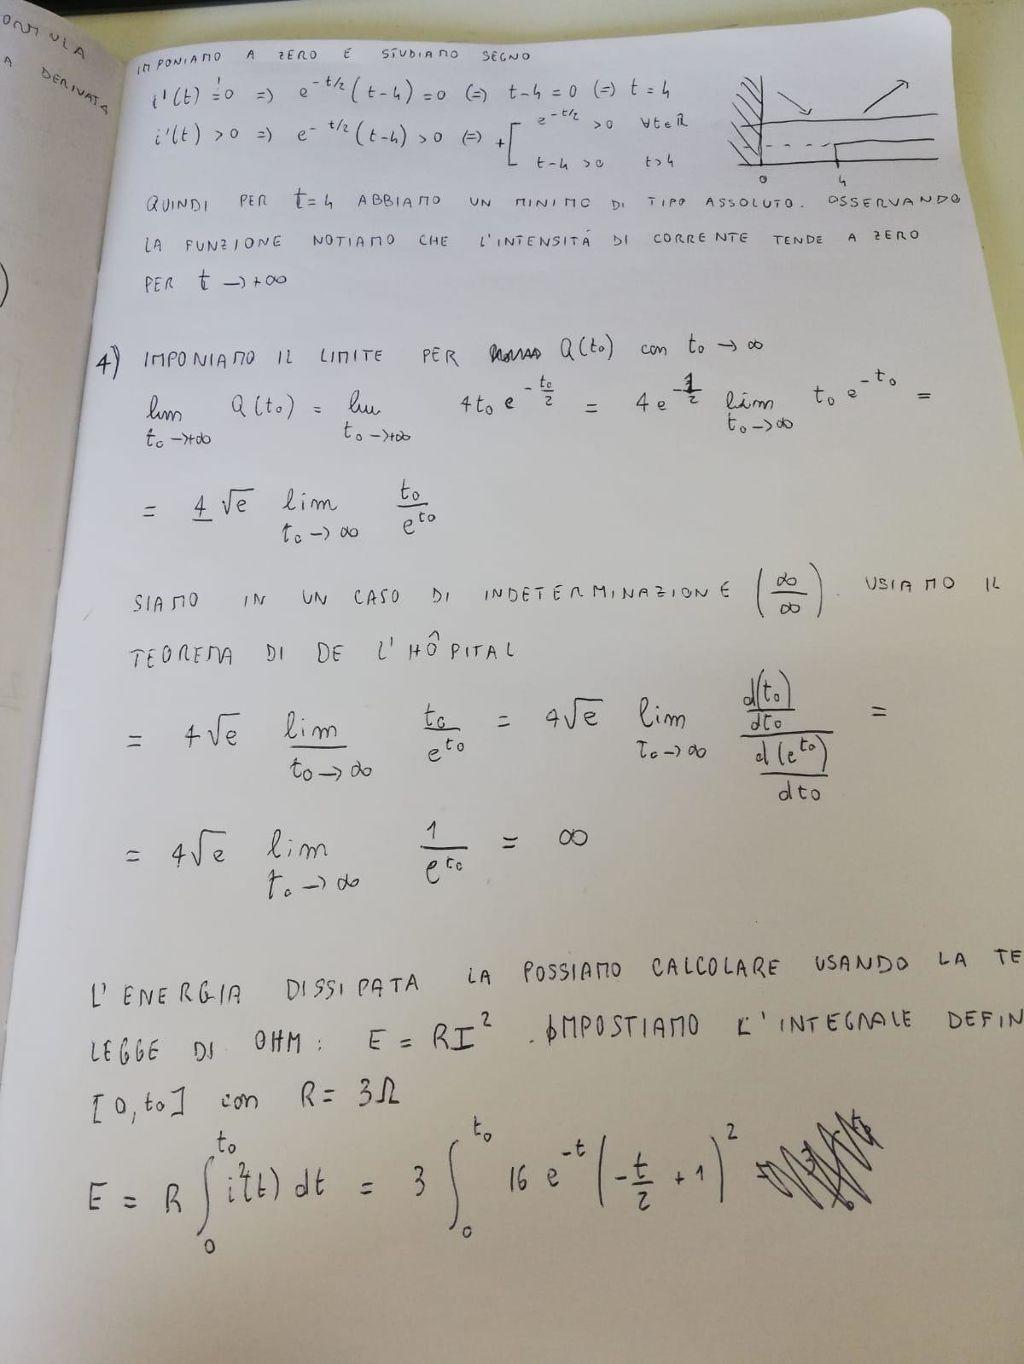 Simulazione Maturità 2019 scientifico problema 4